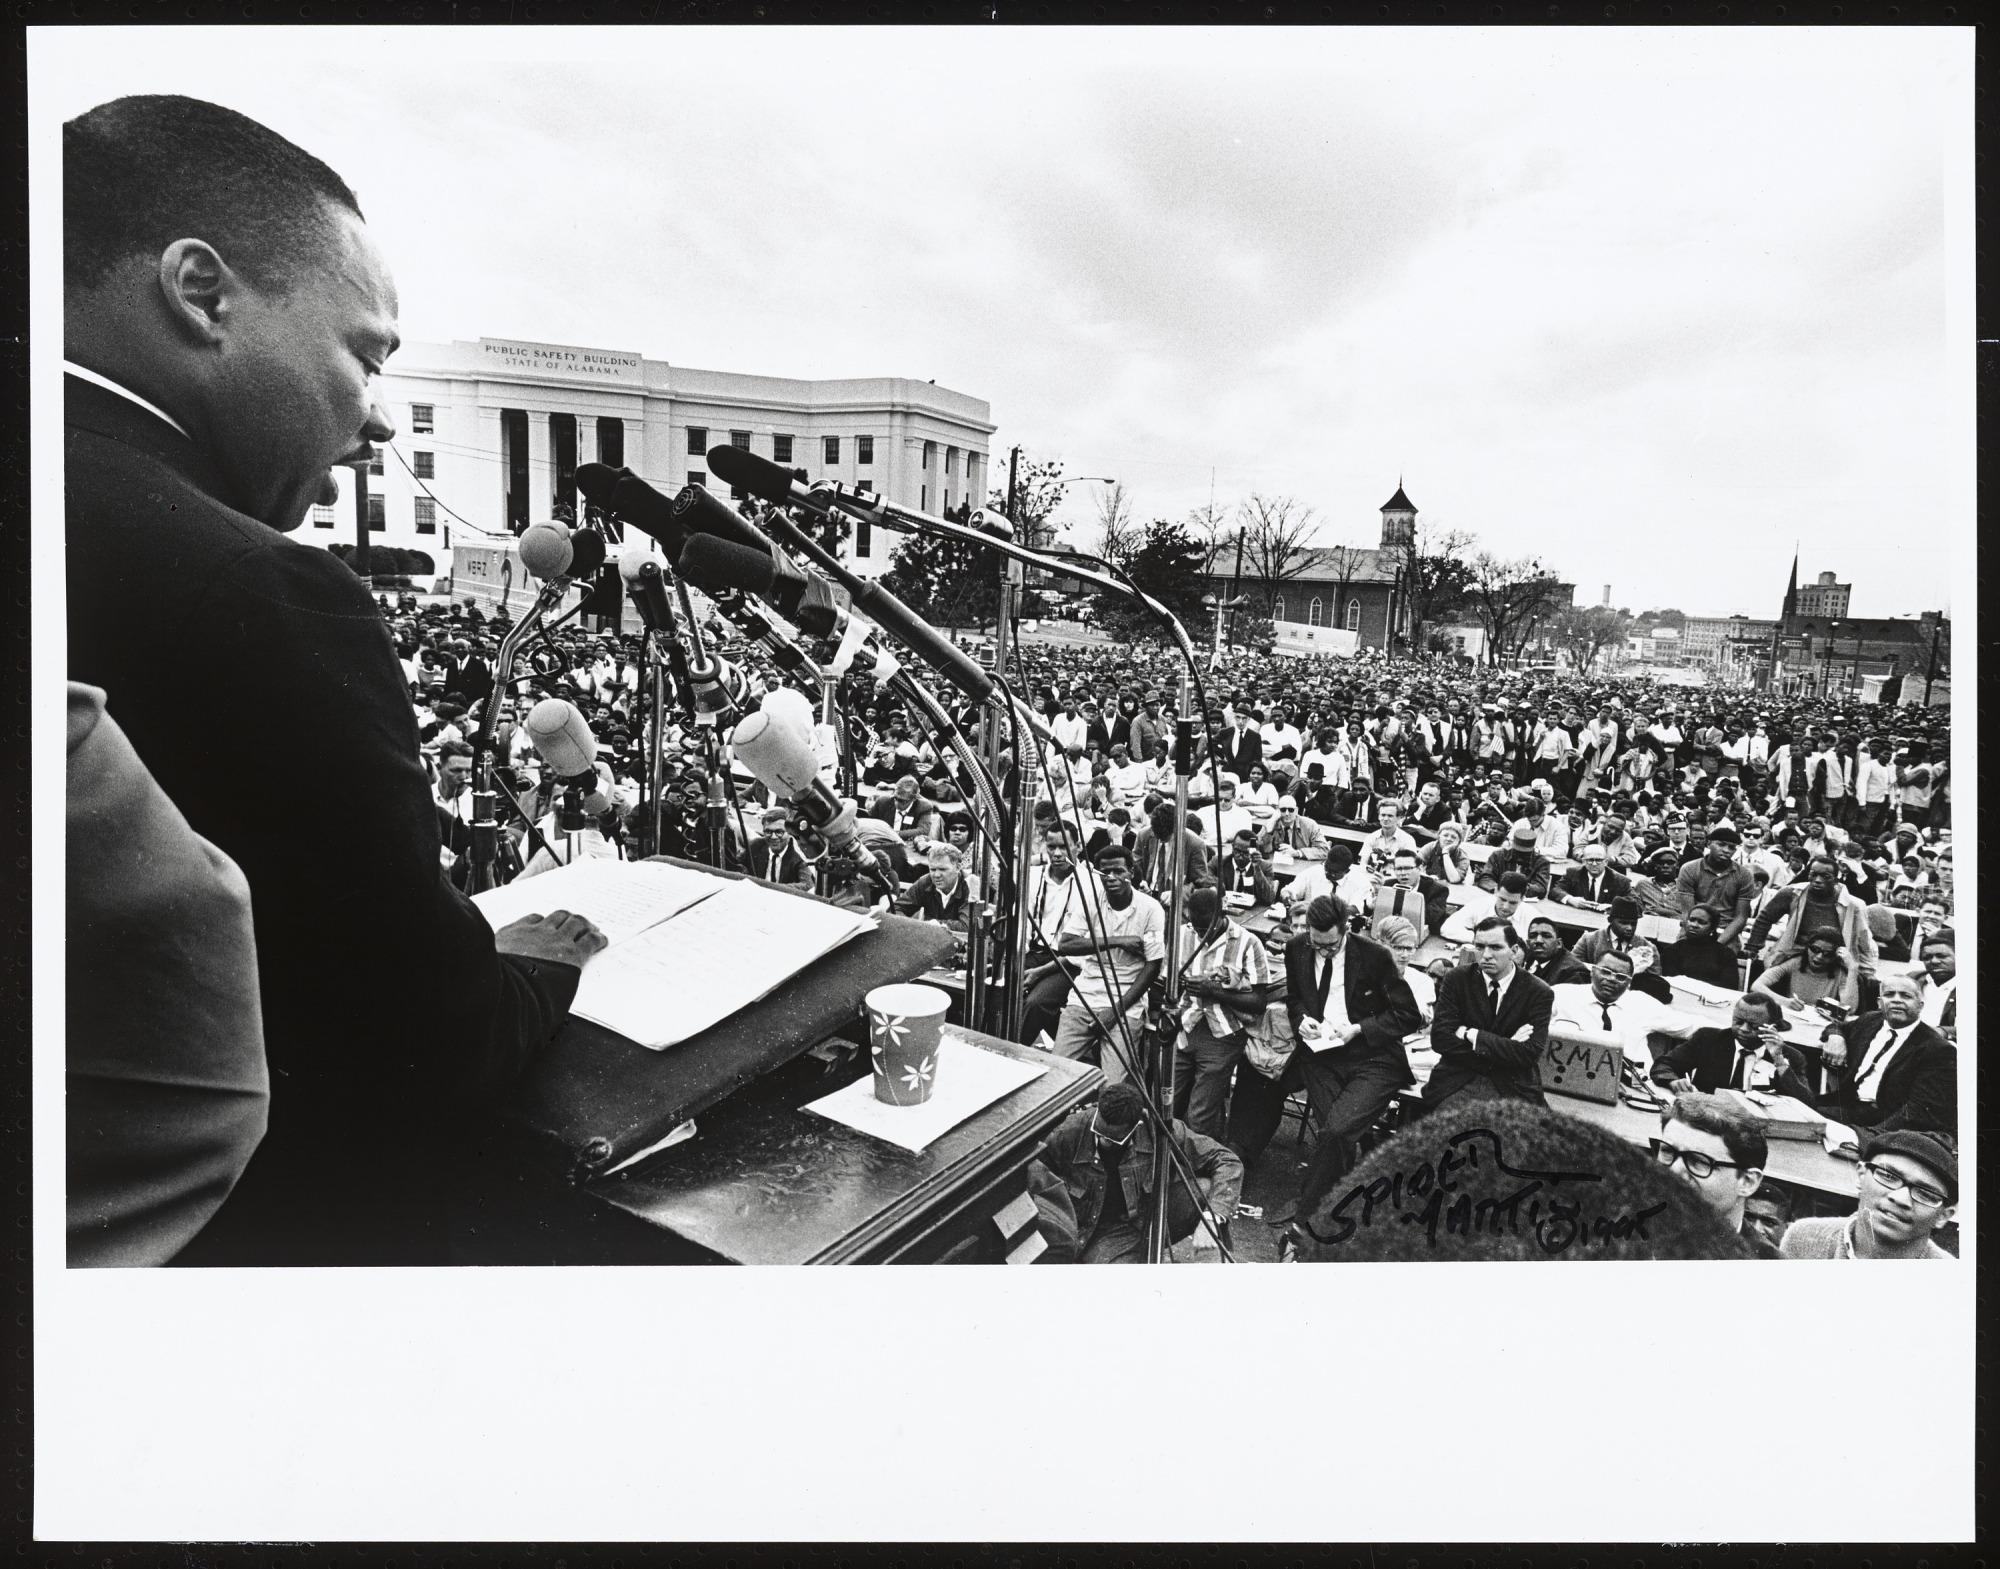 images for <I>Dr. King Delivering His Speech</I>